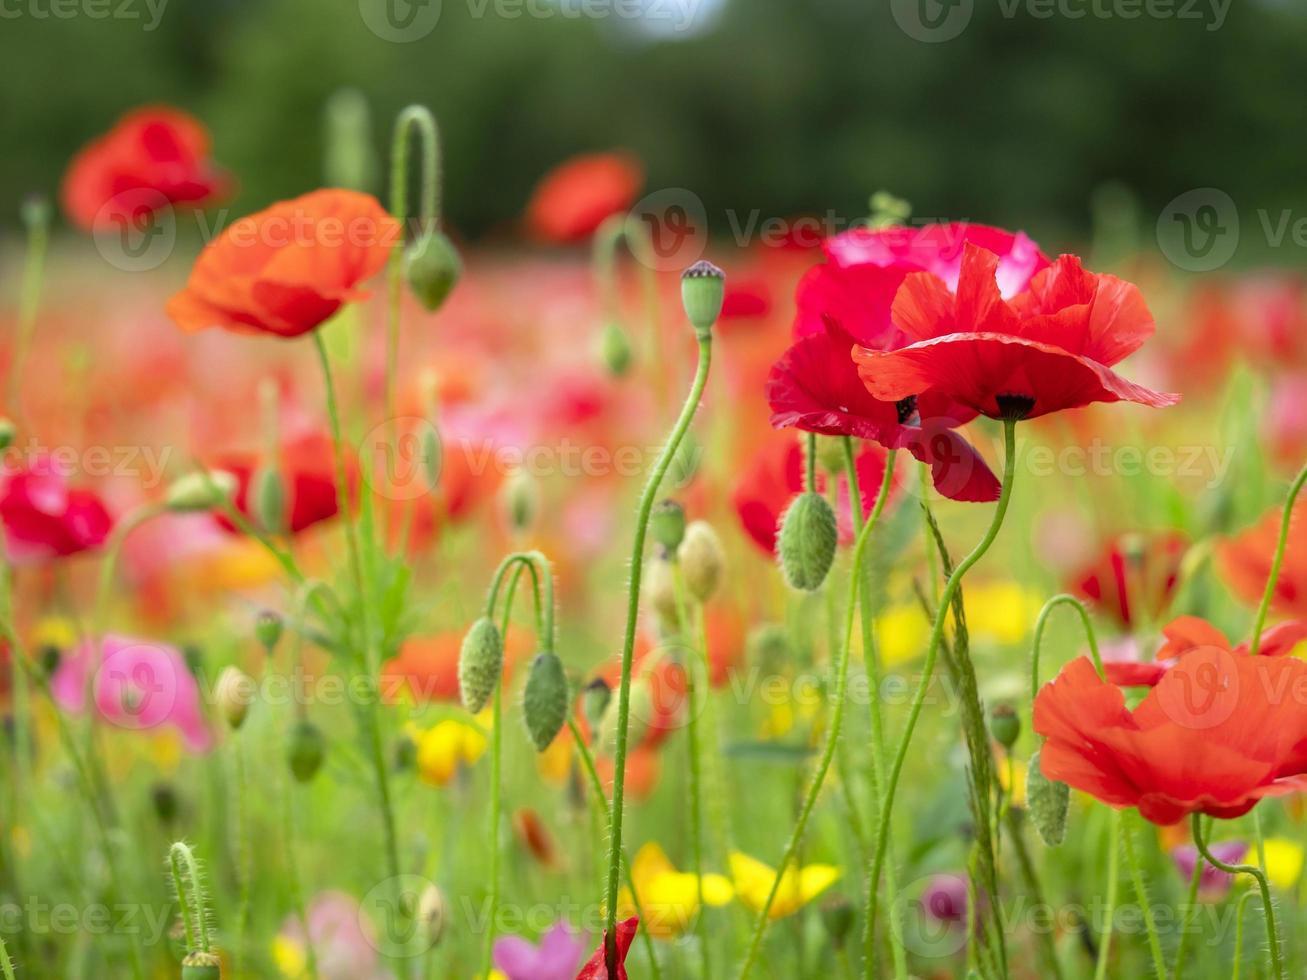 coloratissimi fiori di papavero in un campo foto